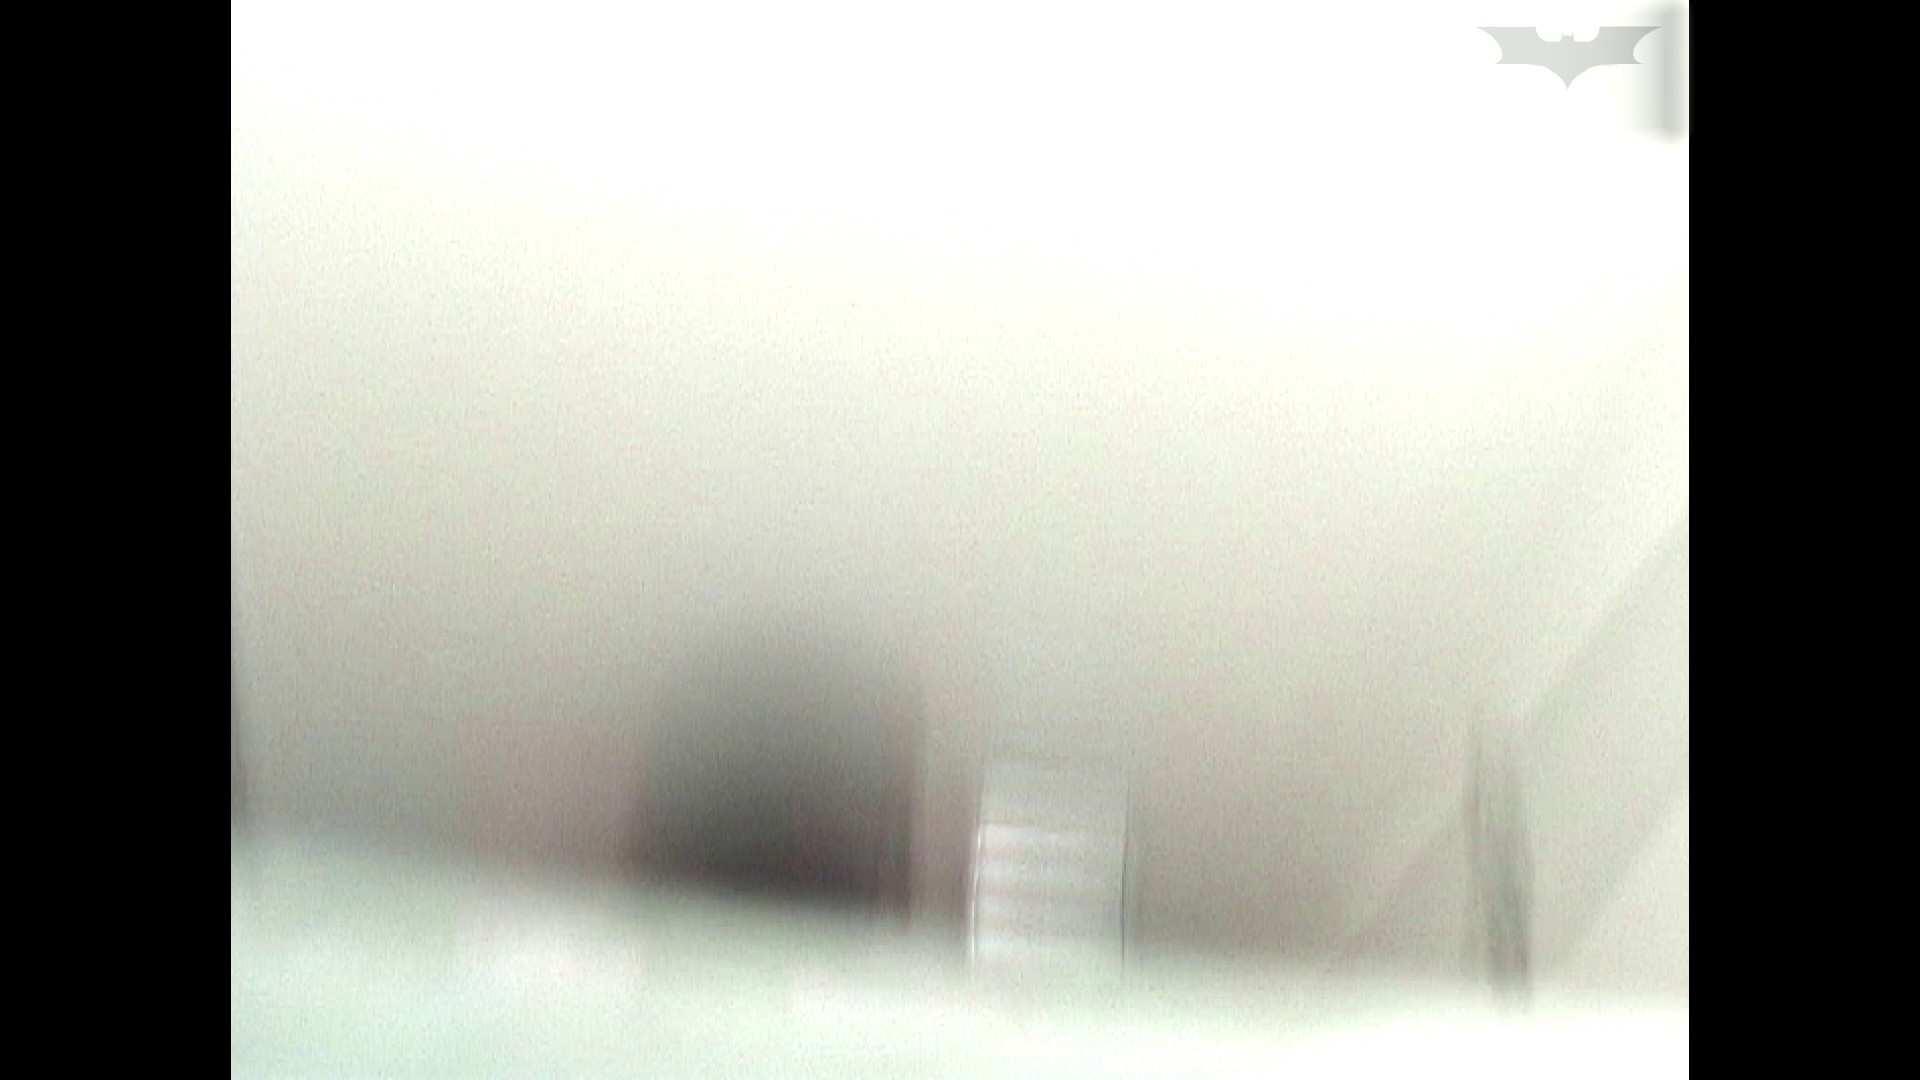 空爆特集!和式フロントツル4名期間限定神キタ!ツルピカの放nyo!Vol.09 期間限定  86pic 30